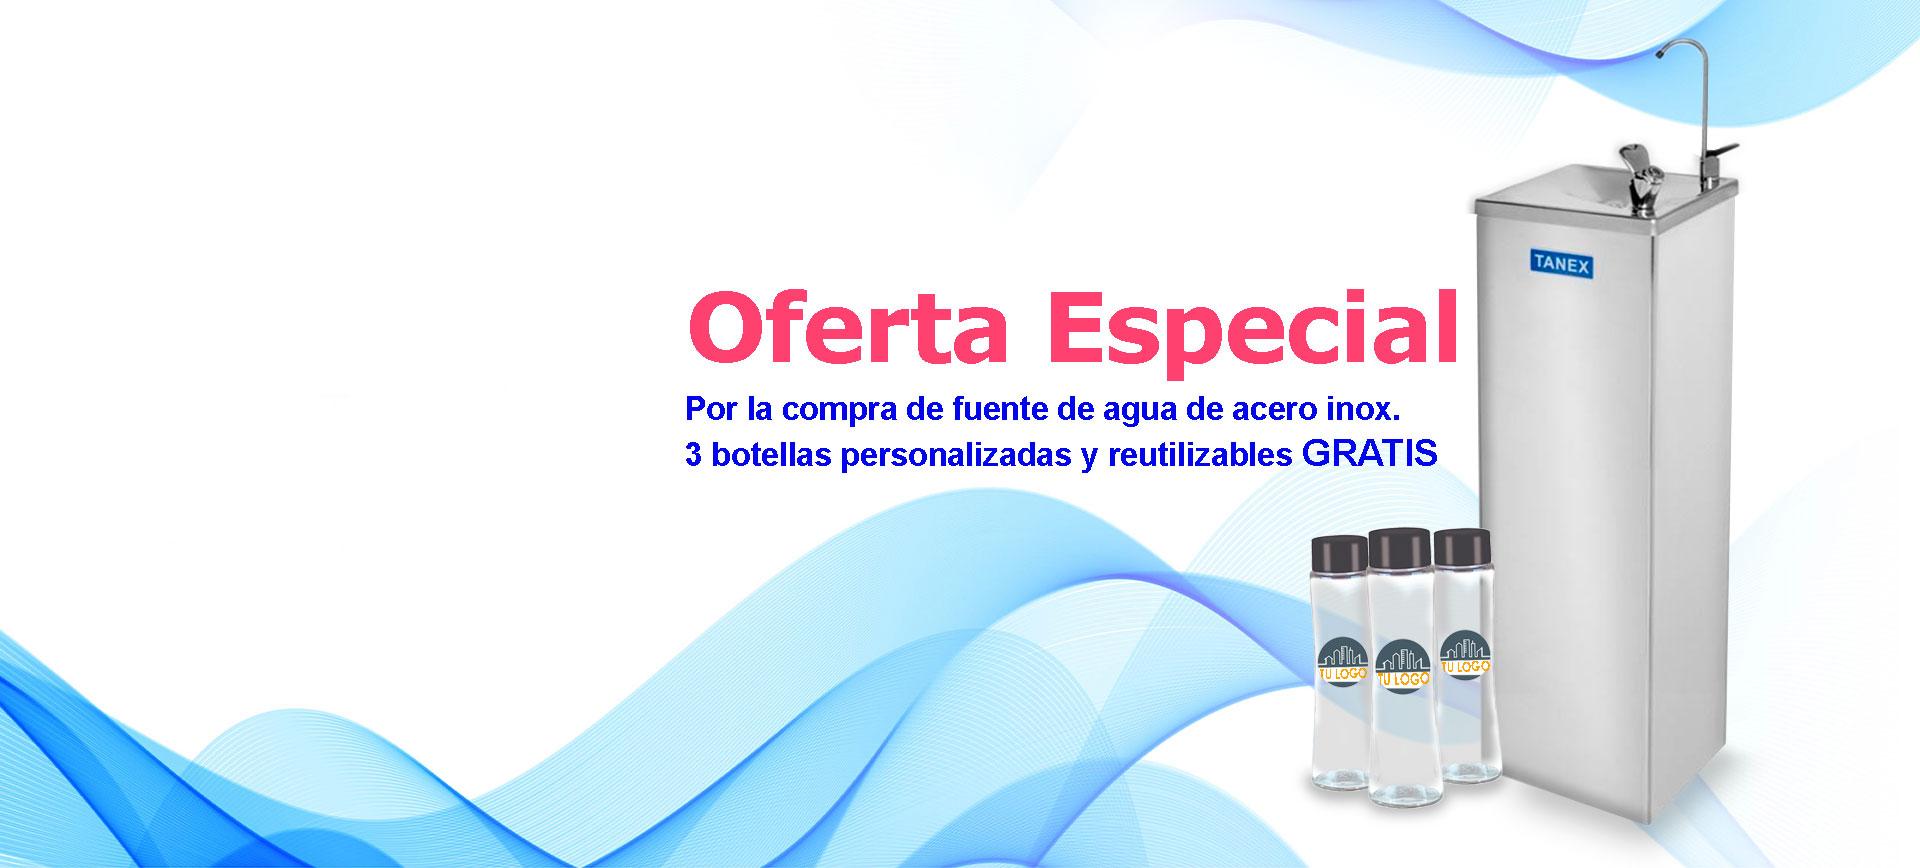 oferta-especial1